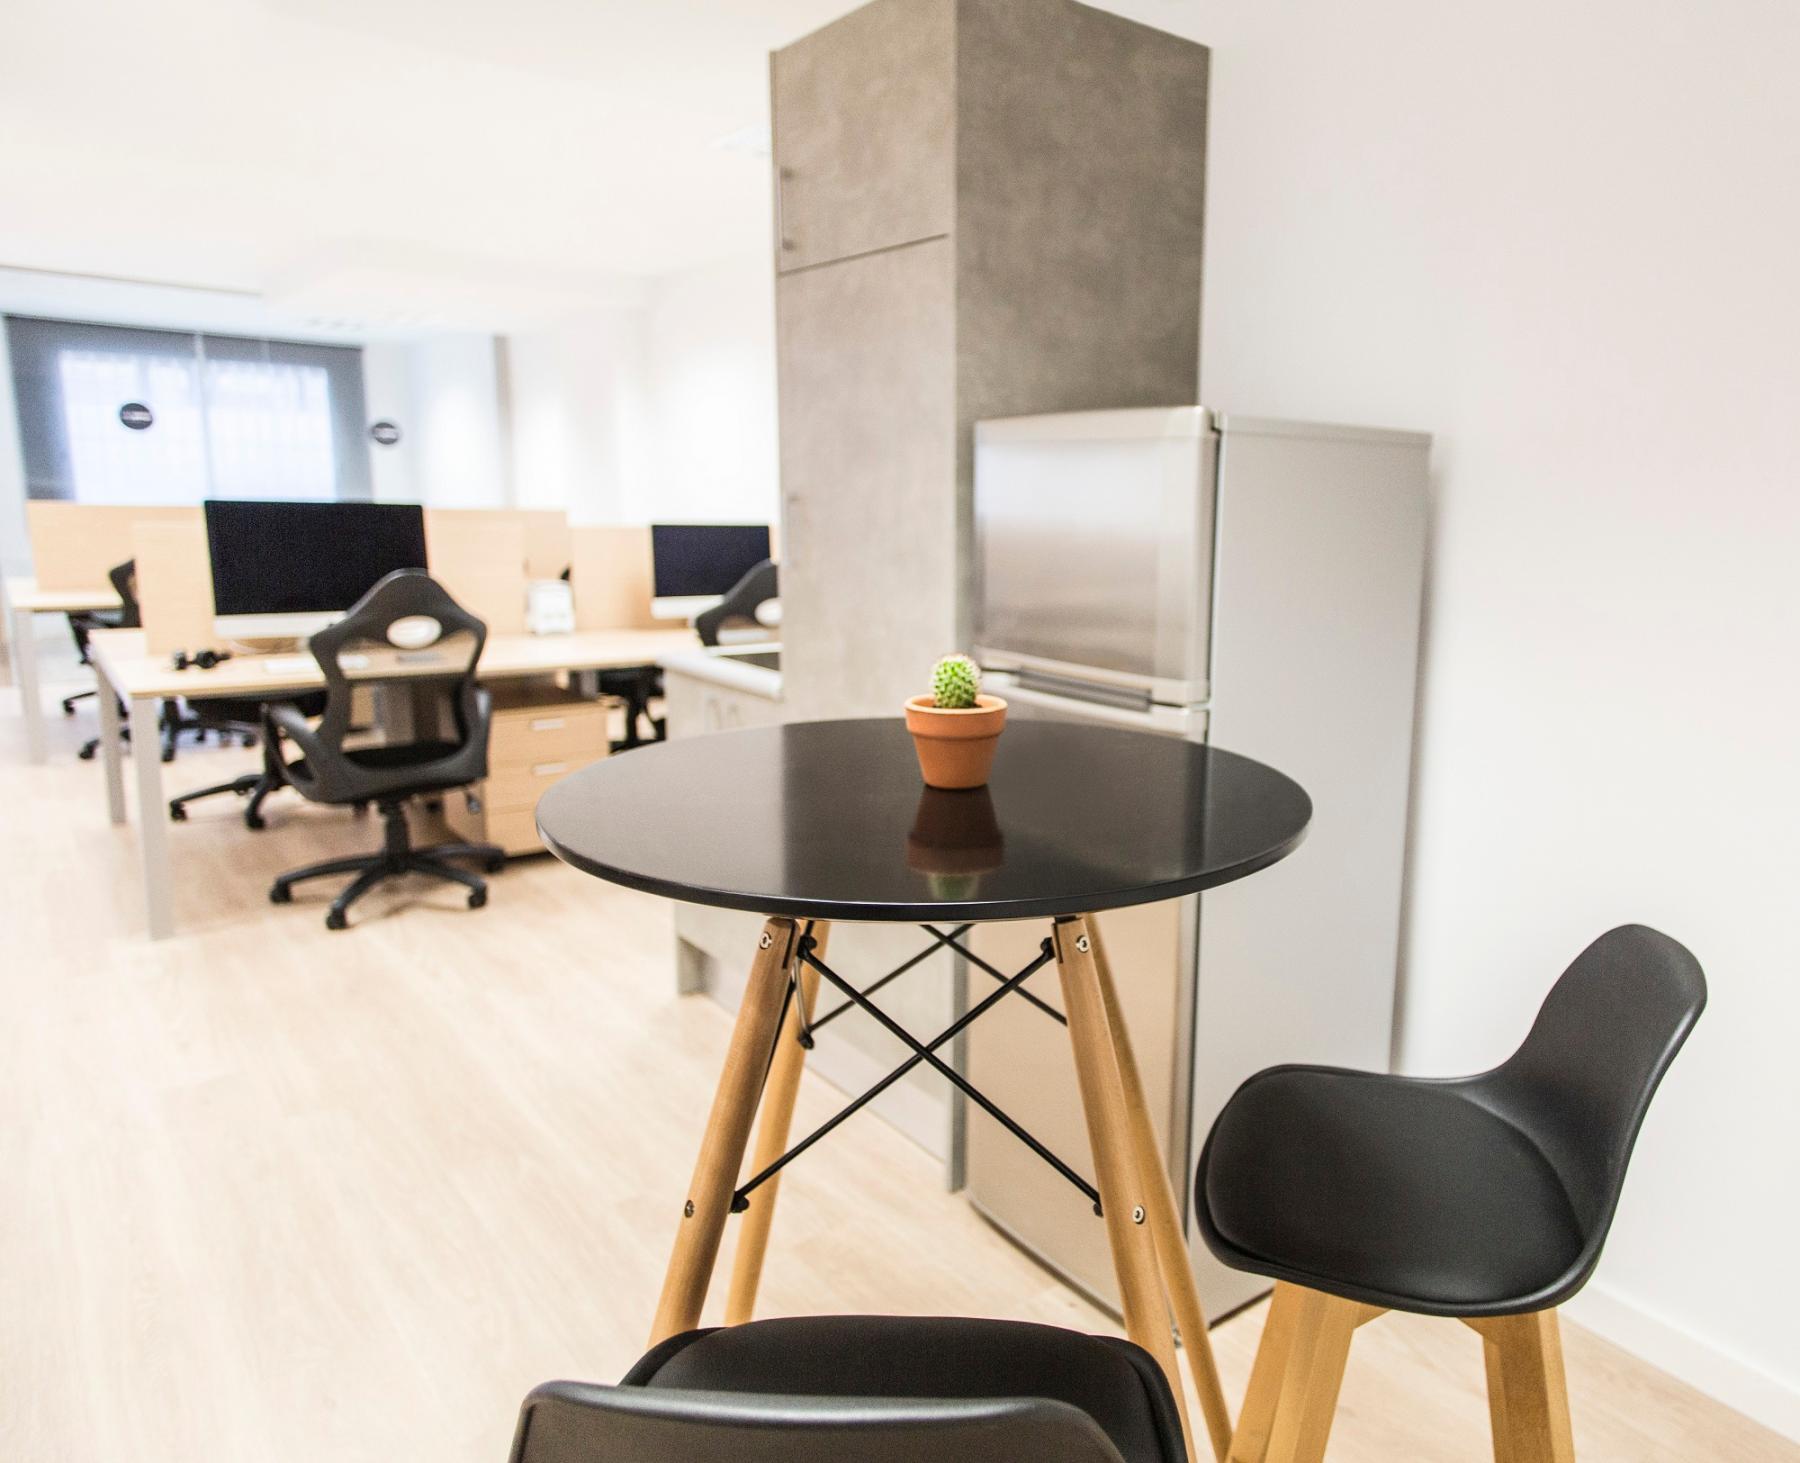 Alquilar oficinas Carrer de Calàbria 149, Barcelona (6)